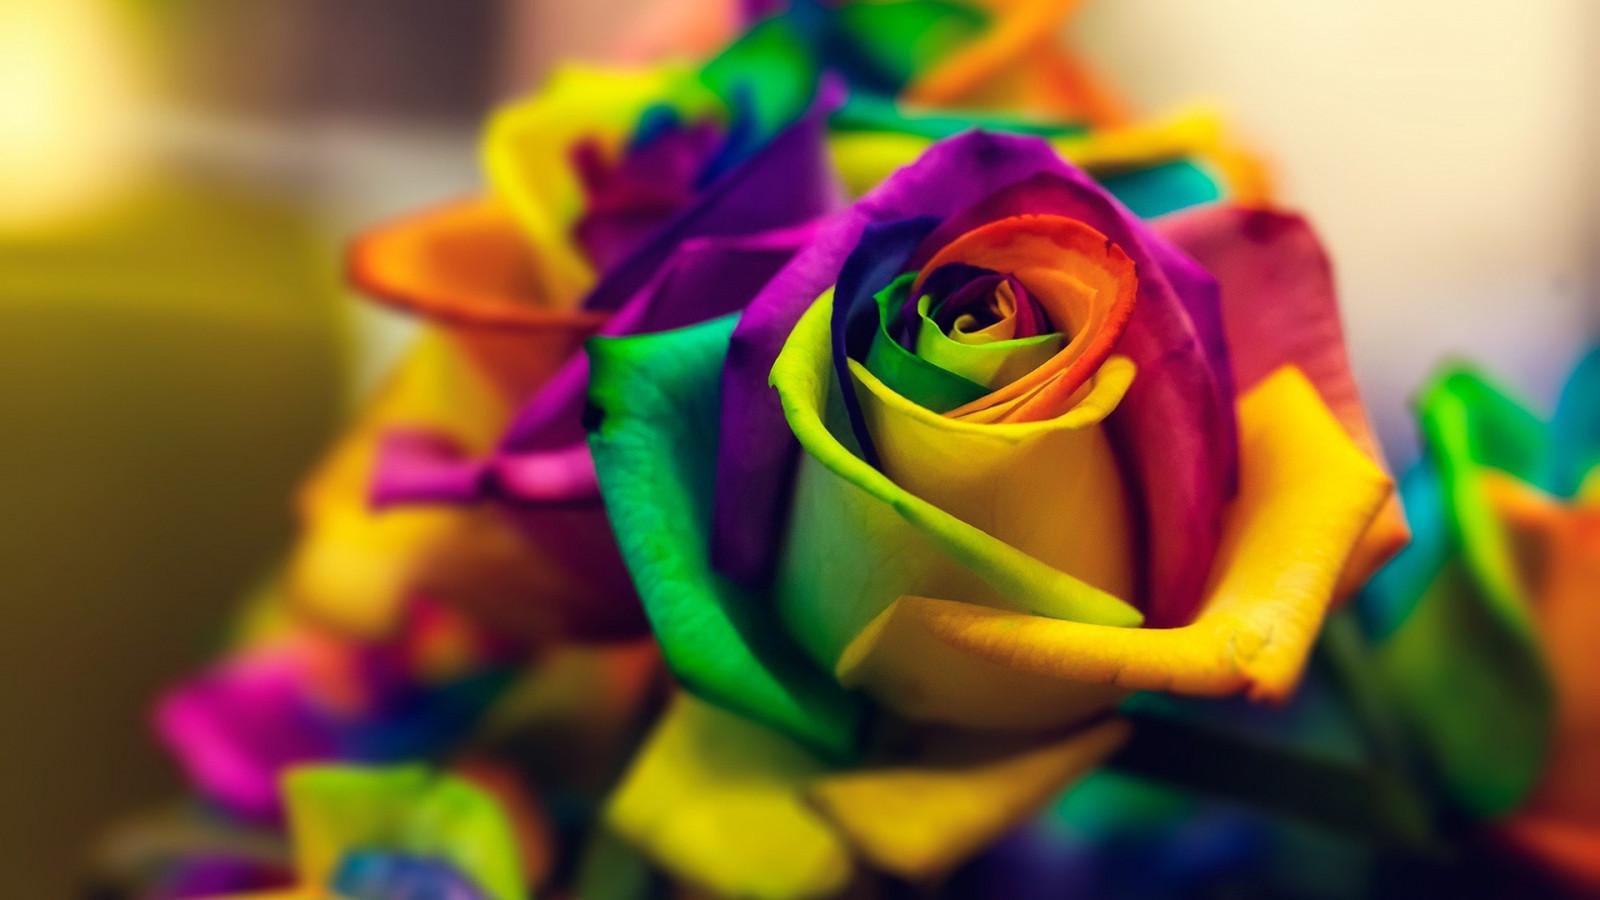 Картинки на телефон красивые цветы красочные, открытках днем